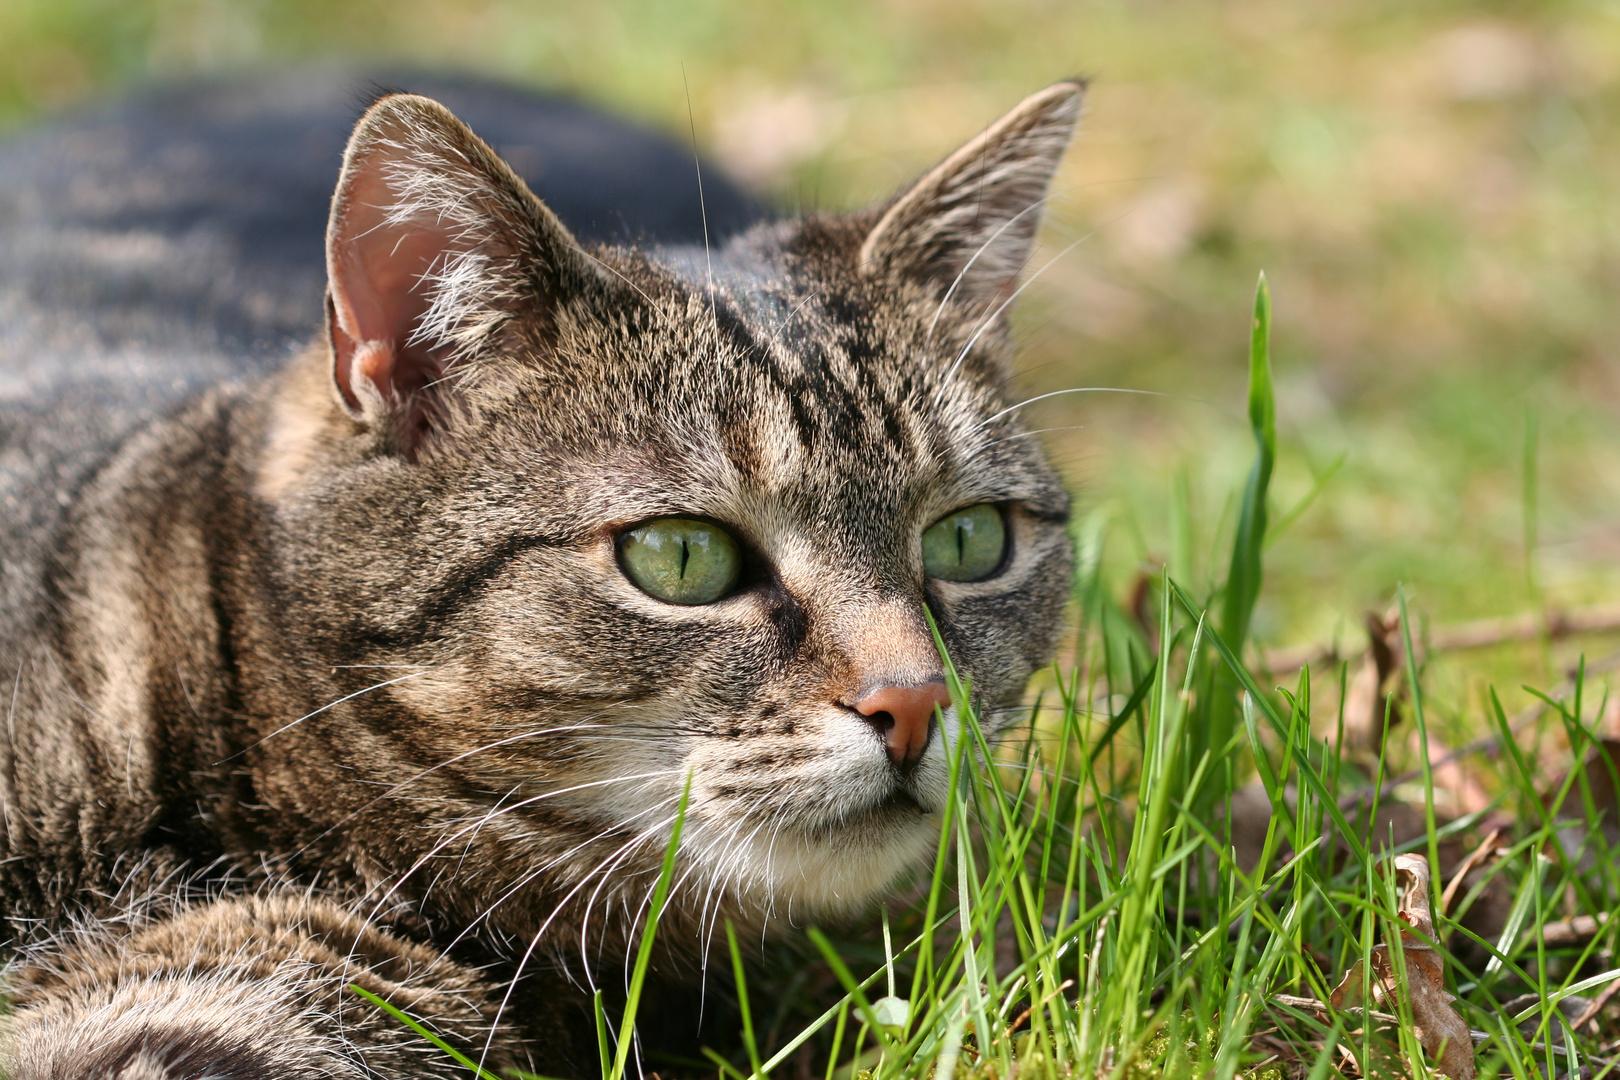 Katze zum 238 mal :-)